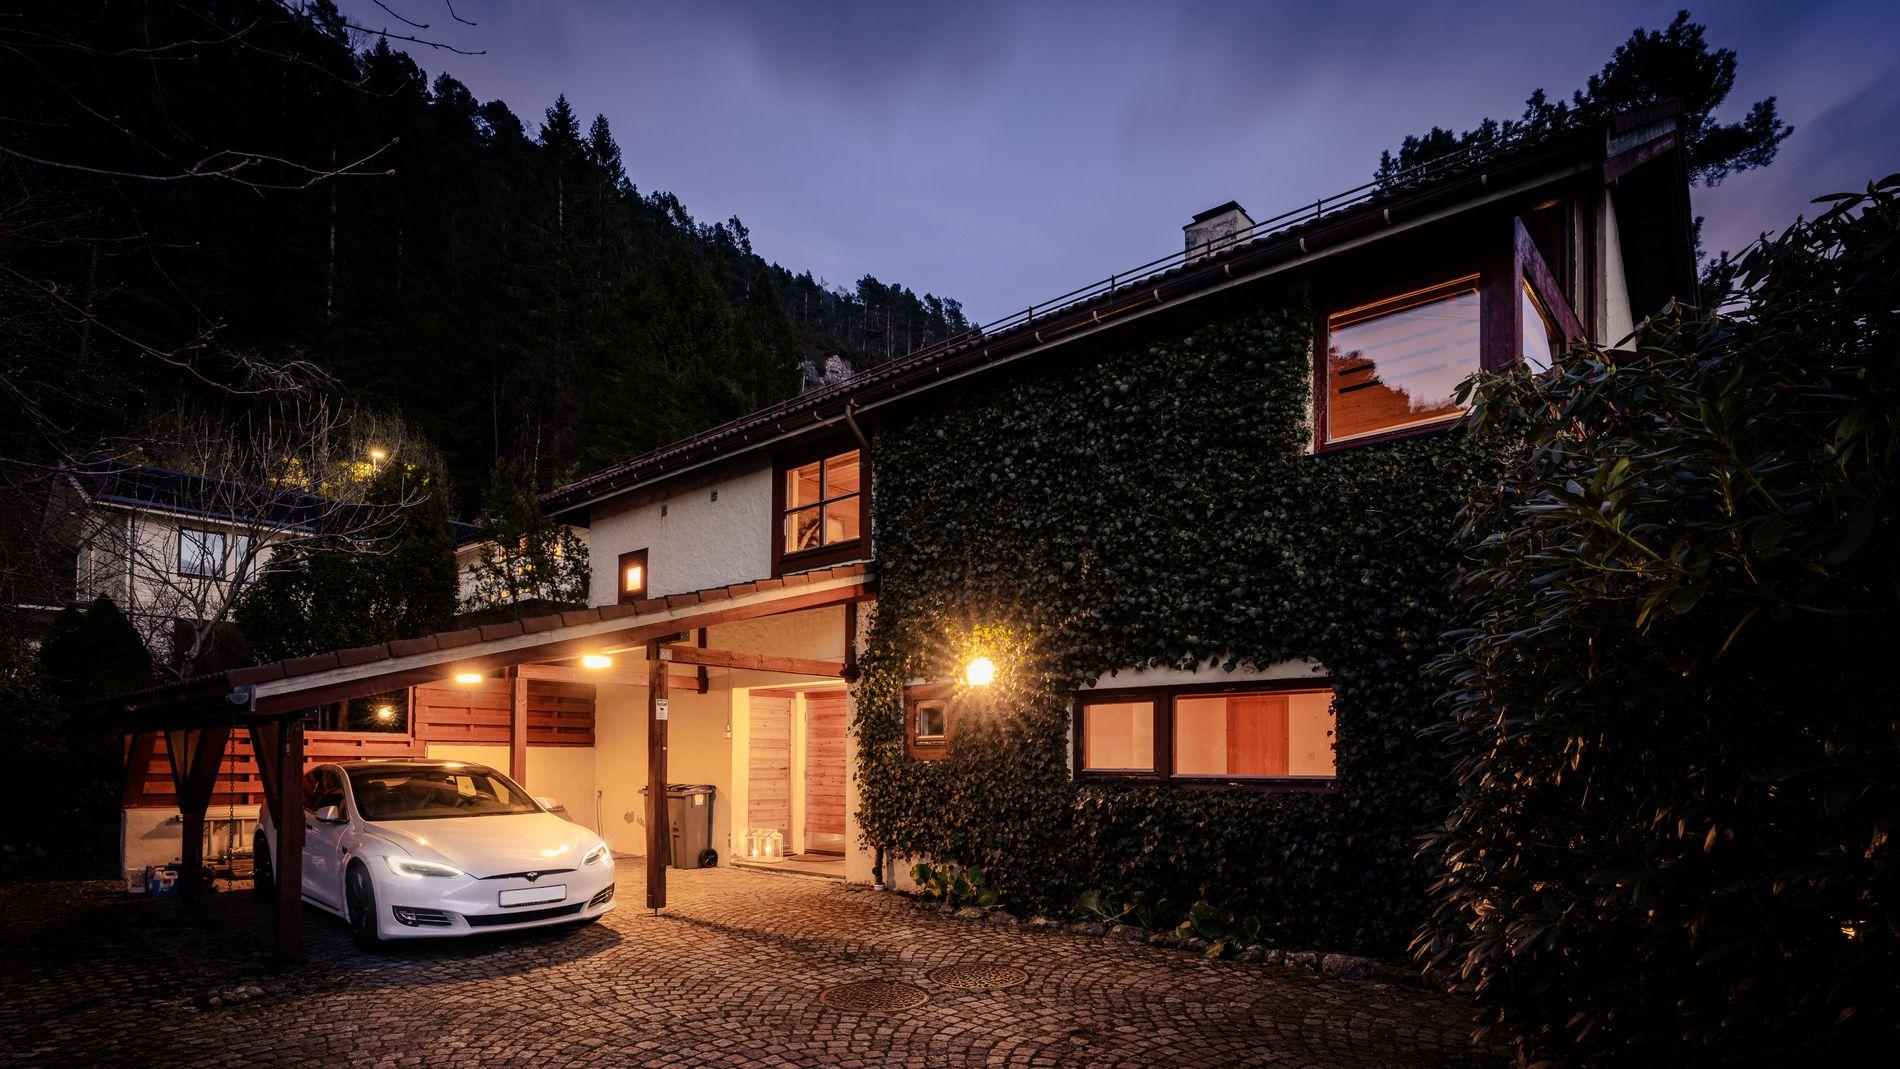 VELKOMMEN TIL NILS LANGHELLES VEI 68: Huset ble oppført i 1981 og er arkitekttegnet av Henrik Johan Halvorsen i tett samarbeid med nåværende eier.